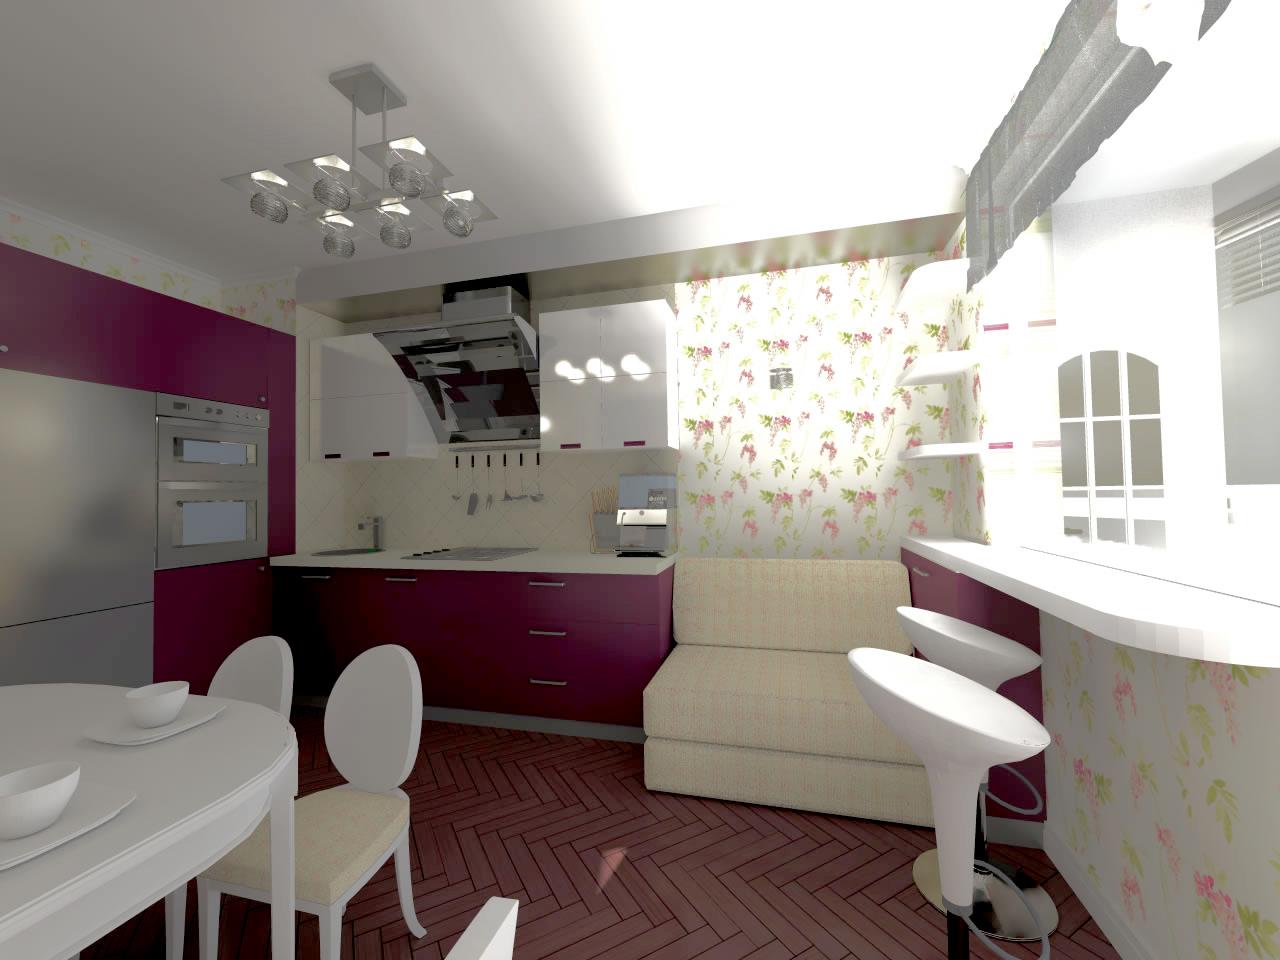 Кухня с баром для гостей.